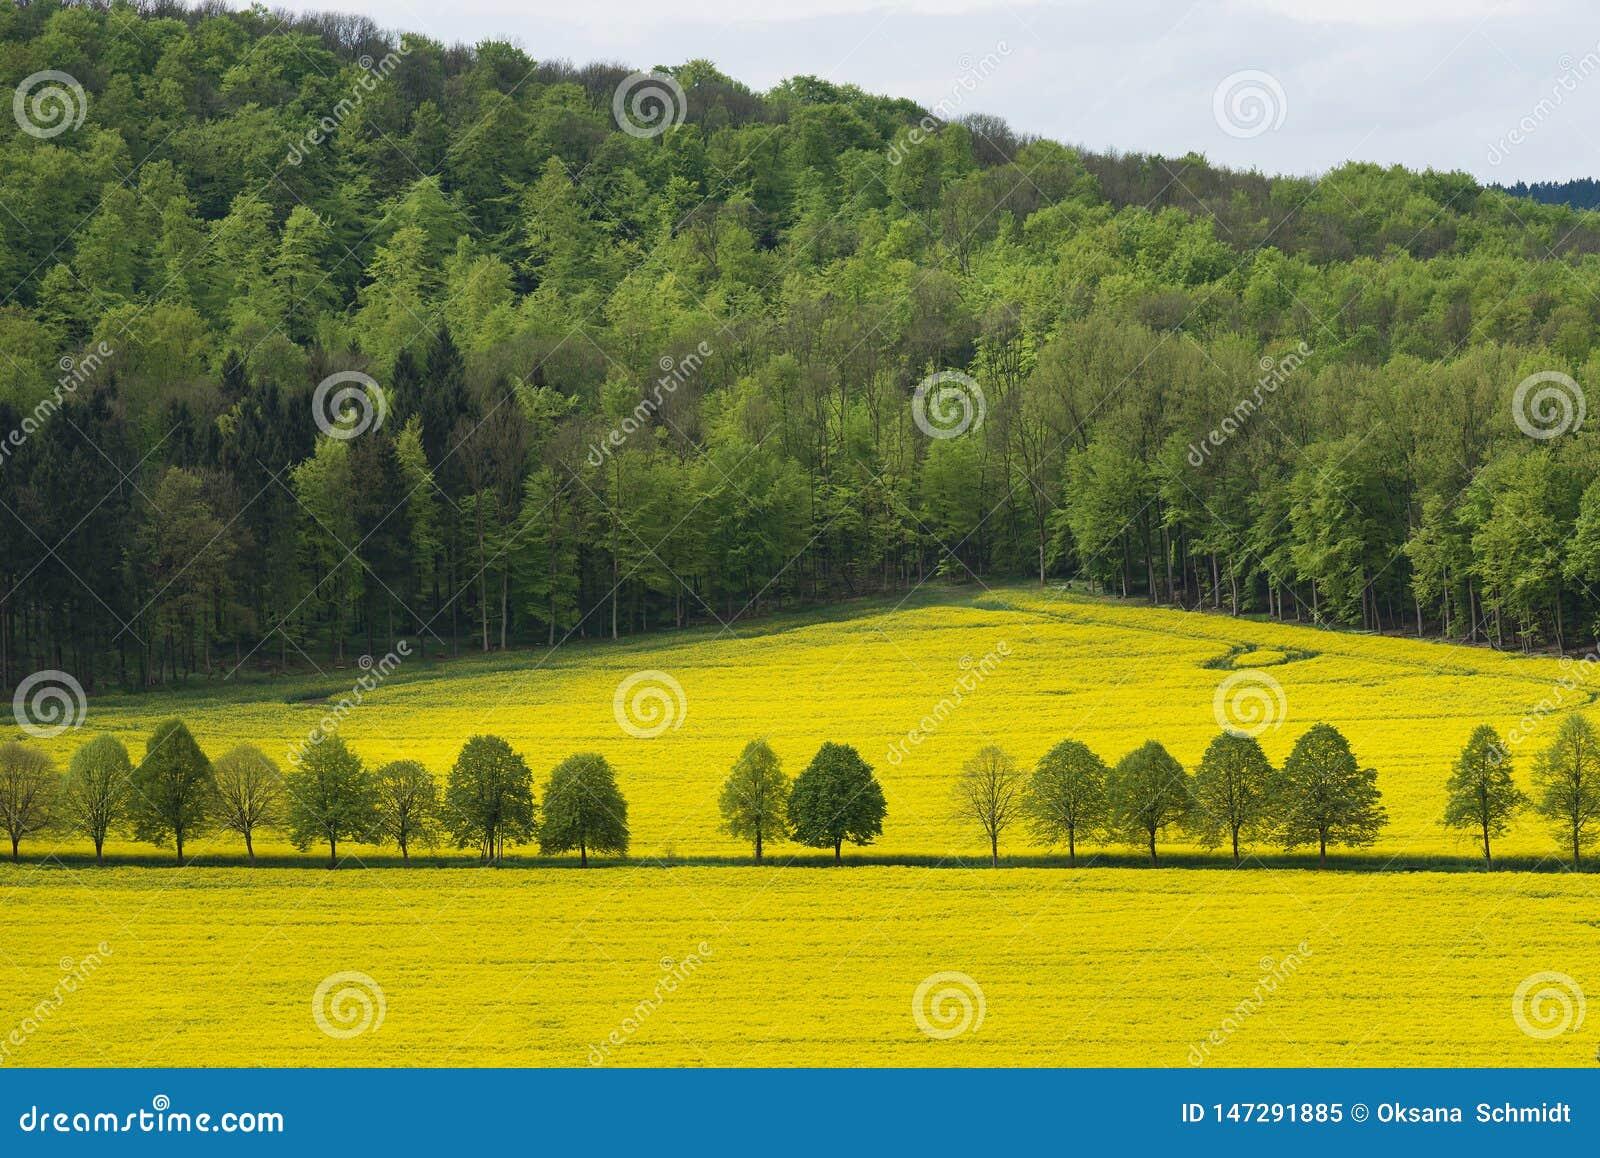 开花的油菜籽美好的农村风景与很远森林的